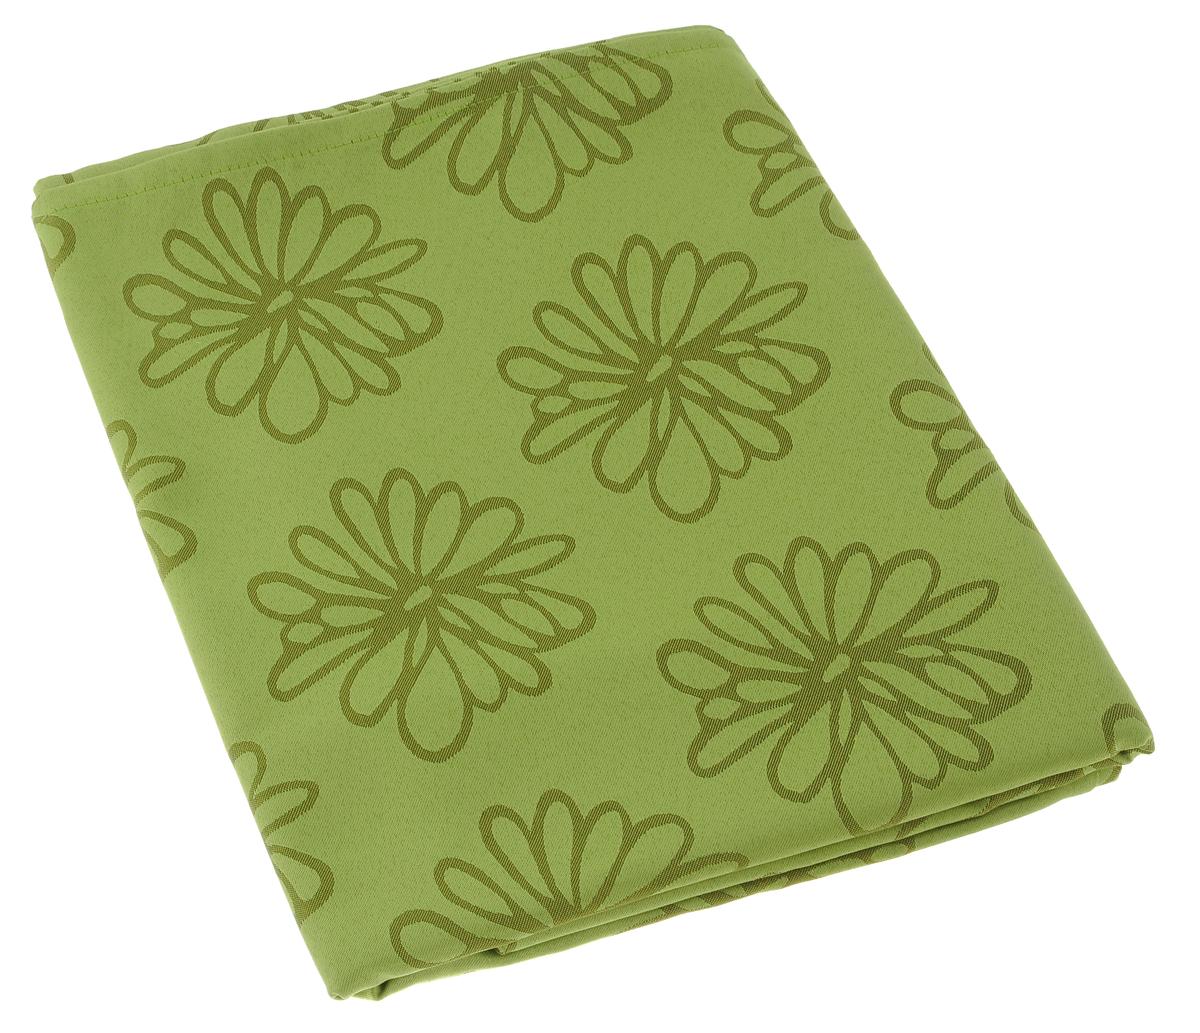 Скатерть Schaefer, прямоугольная, цвет: оливковый, 160 х 220 см. 08102-40808102-408Изящная прямоугольная скатерть Schaefer, выполненная из плотного полиэстера, станет украшением кухонного стола. Изделие декорировано красивым цветочным узором. За текстилем из полиэстера очень легко ухаживать: он не мнется, не садится и быстро сохнет, легко стирается, более долговечен, чем текстиль из натуральных волокон. Использование такой скатерти сделает застолье торжественным, поднимет настроение гостей и приятно удивит их вашим изысканным вкусом. Также вы можете использовать эту скатерть для повседневной трапезы, превратив каждый прием пищи в волшебный праздник и веселье. Это текстильное изделие станет изысканным украшением вашего дома!